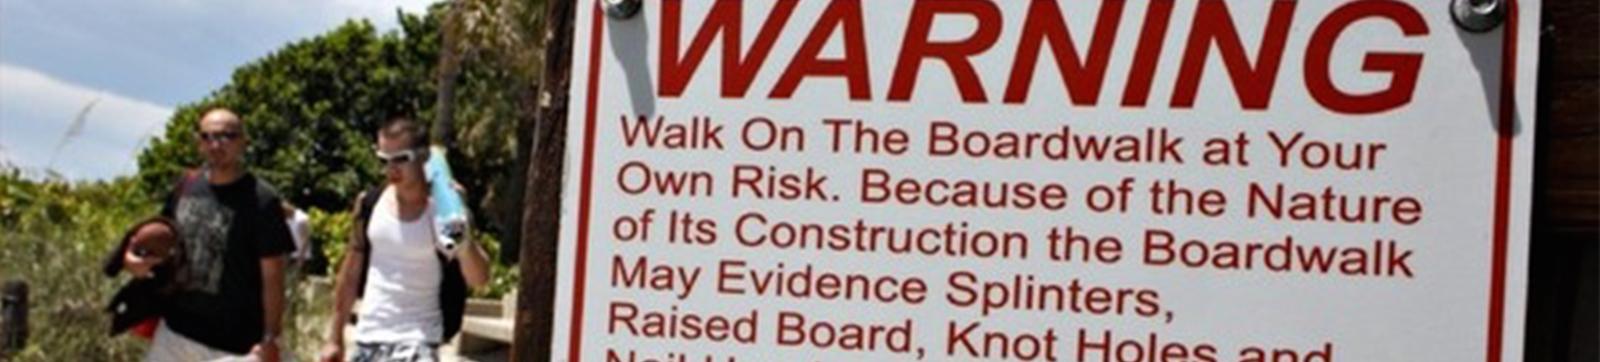 Boardwalk-Maintenence-Top.jpg